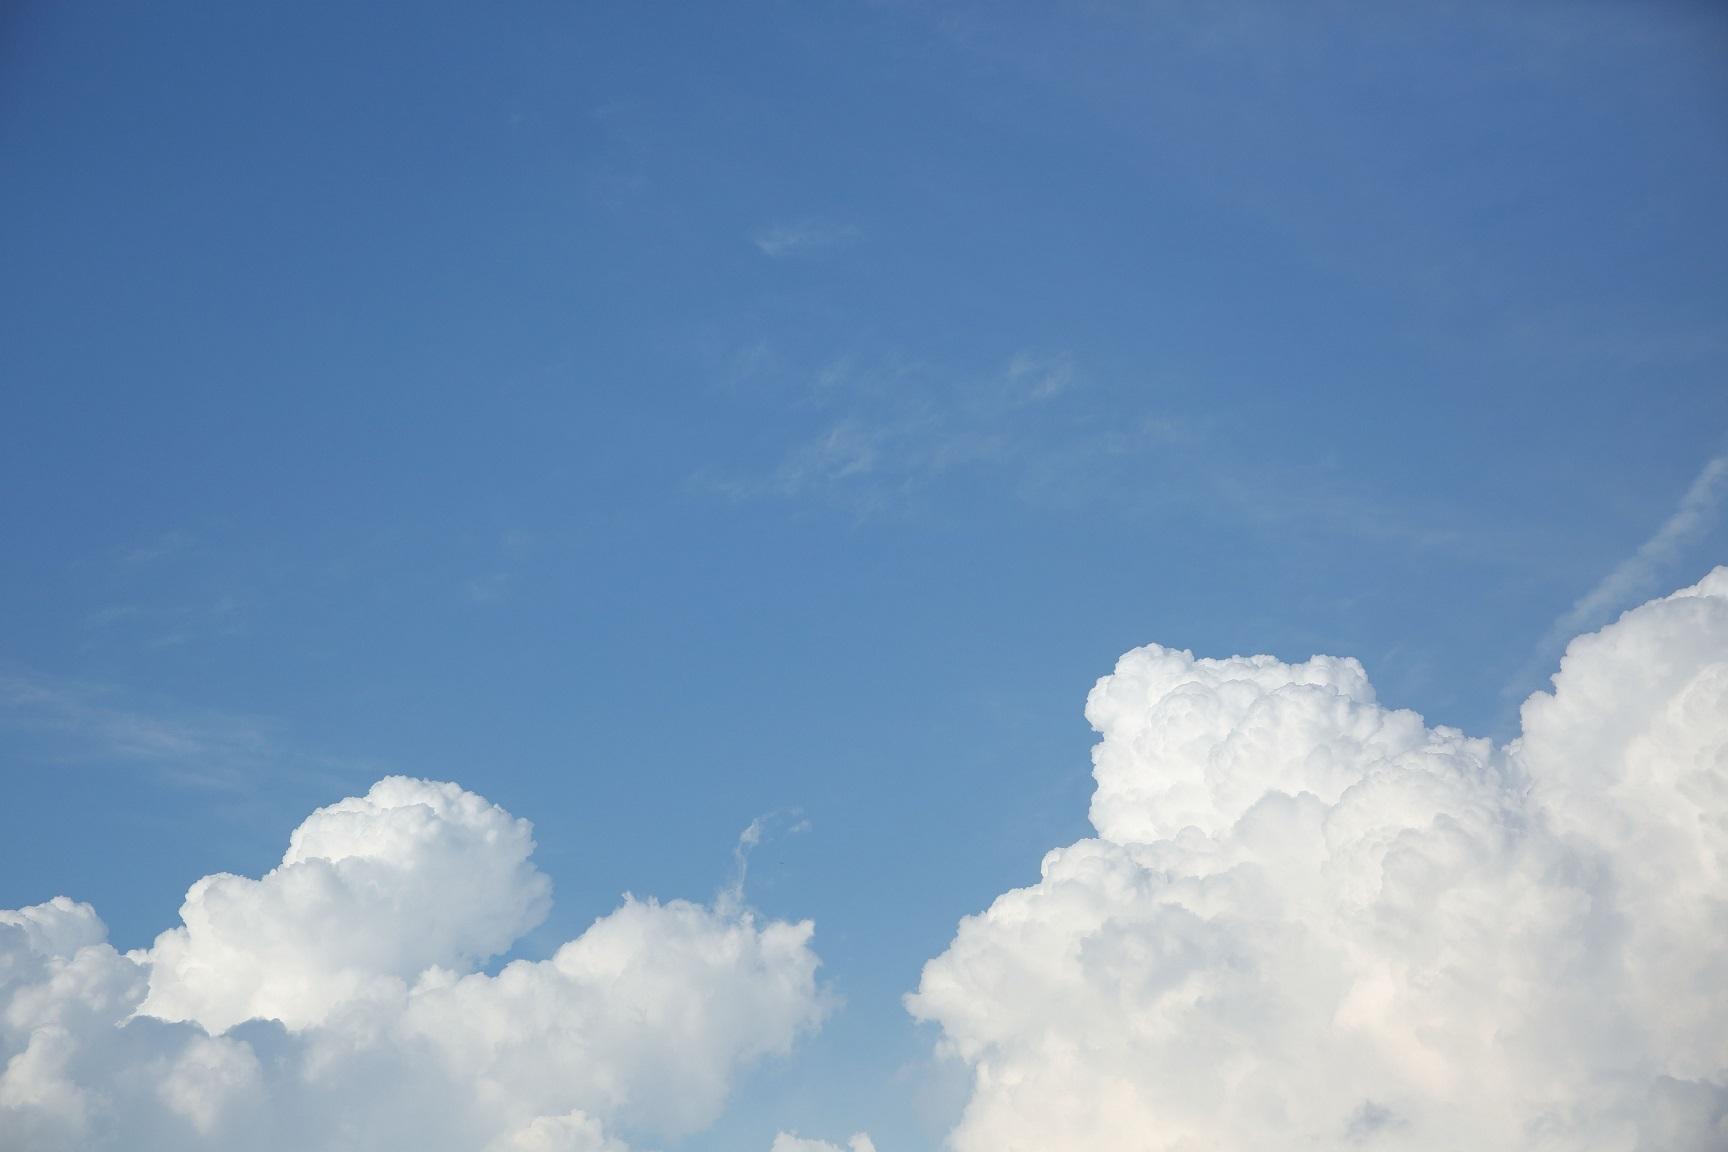 2017 9 青空と白い雲 ブログ用.jpg